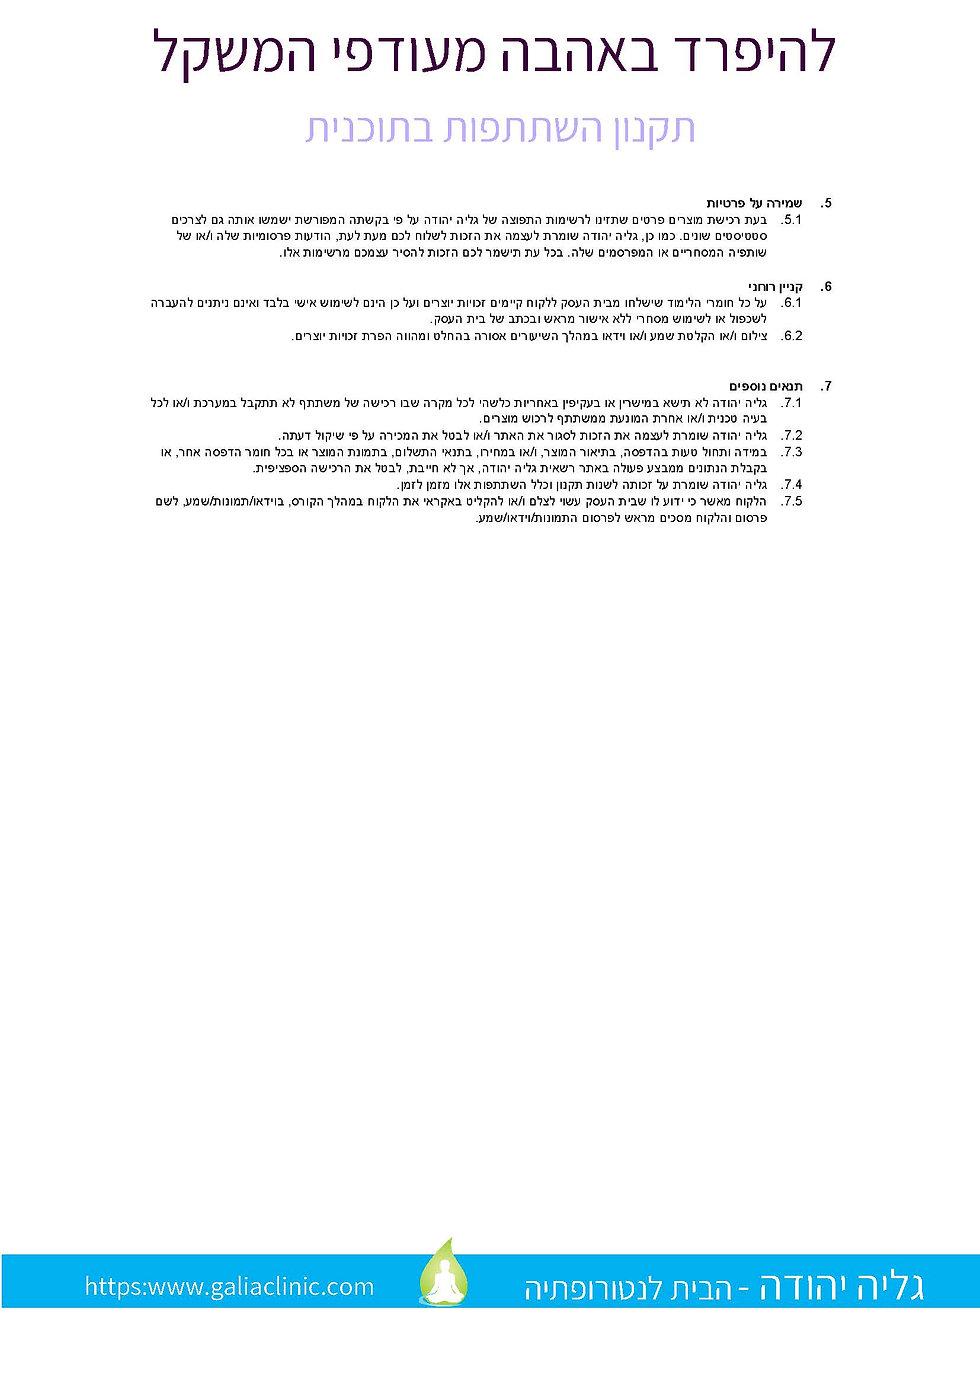 תקנון לתכניות_Page_2.jpg